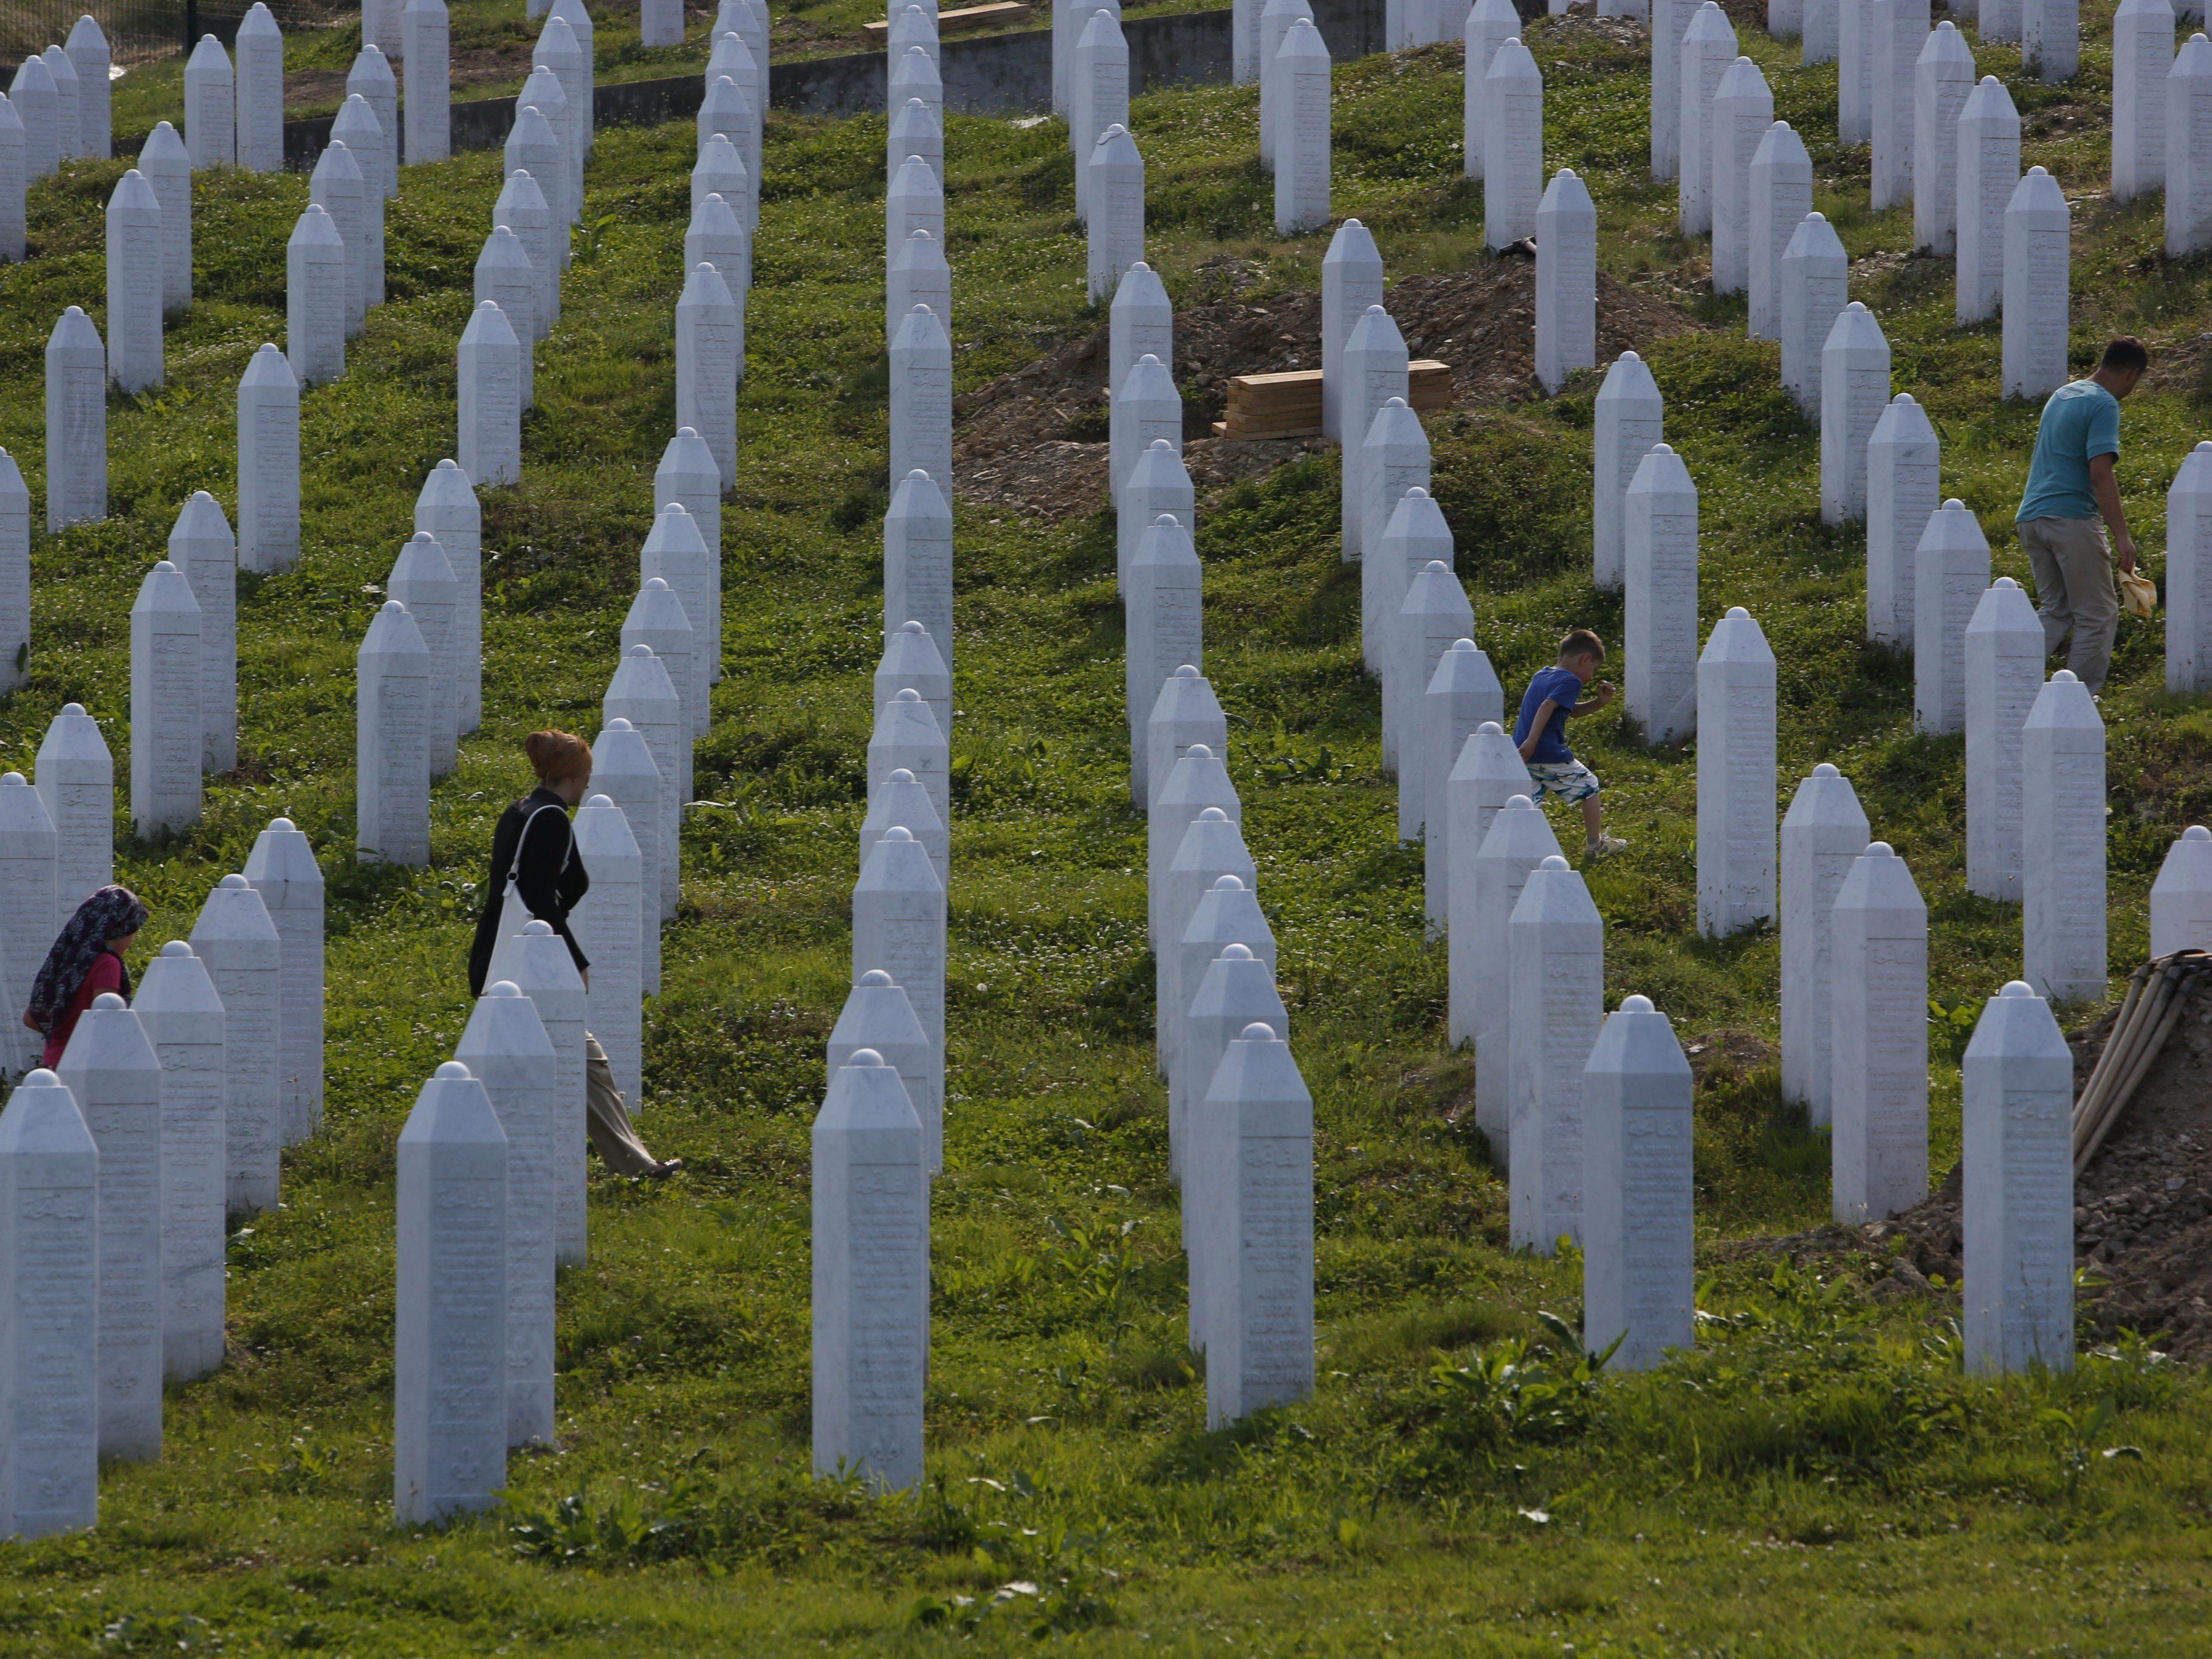 Am 11. Juli sollen in Potocari weitere 135 Opfer beigesetzt werden.